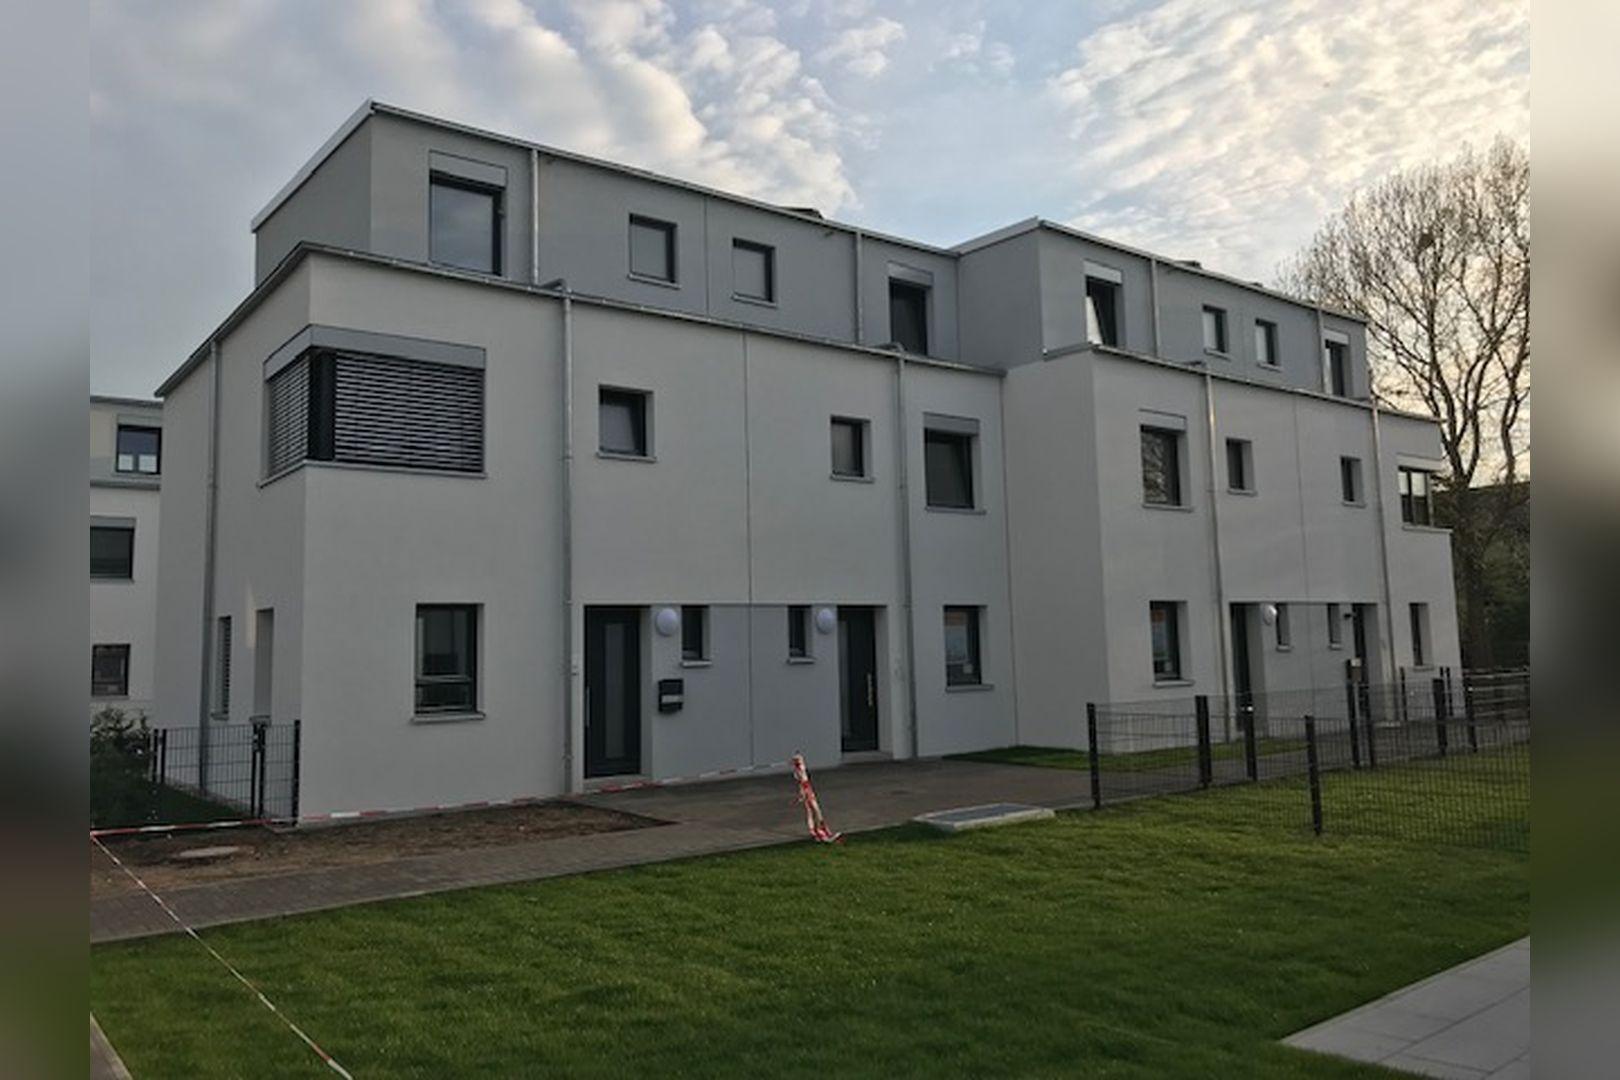 Immobilie Nr.BÖ-000 - Energieeffizientes Neubauquartier mit 20 Wohneinheiten und TG - Bild 15.jpg